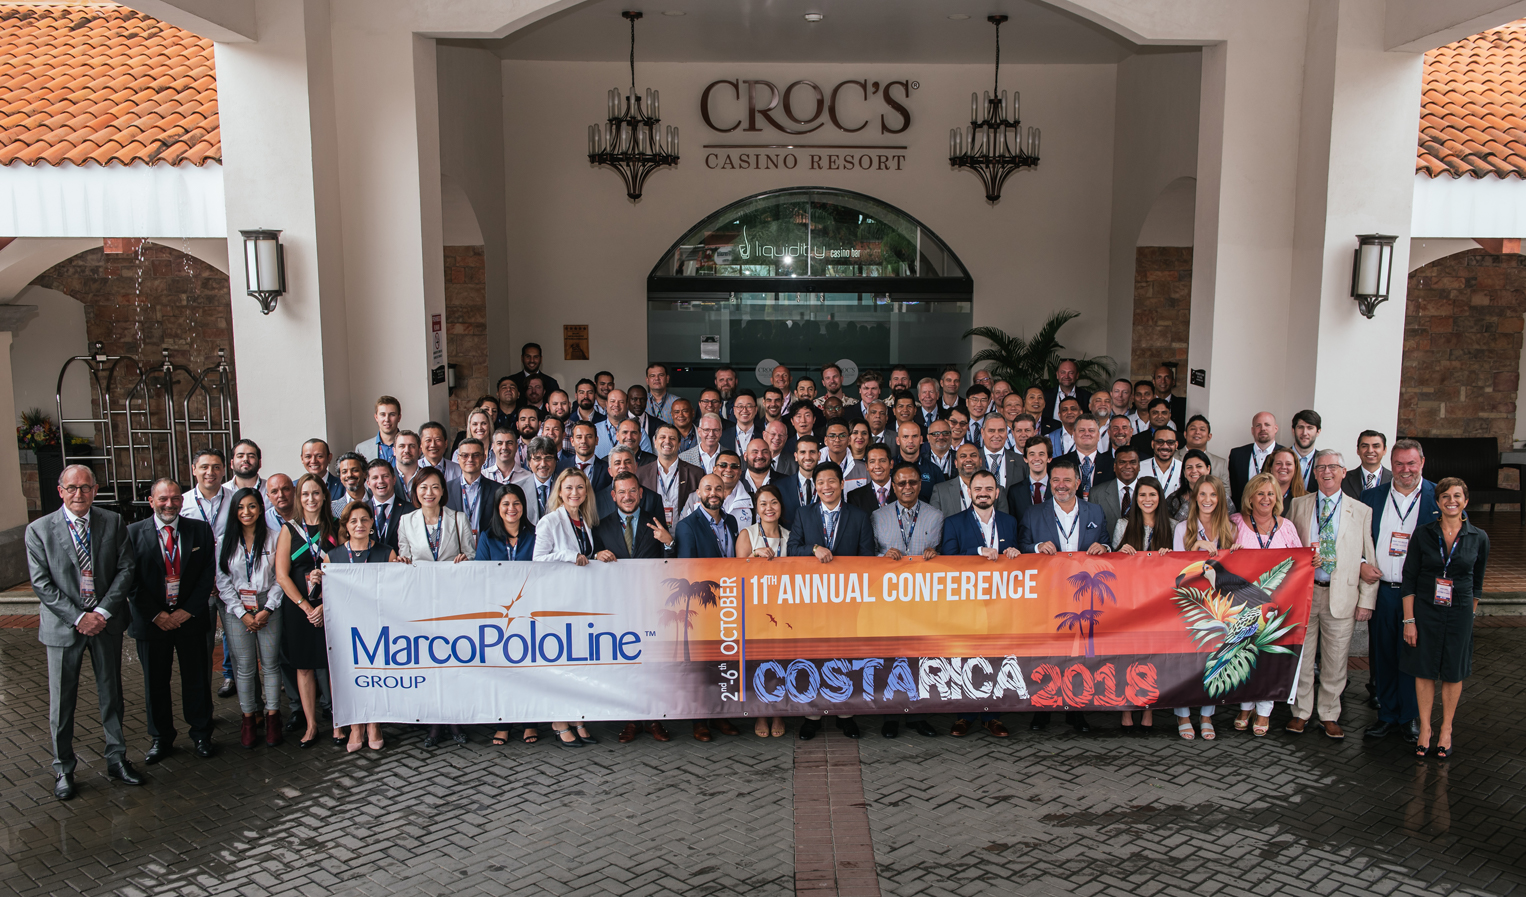 MPL_Conference Costa Rica 2018